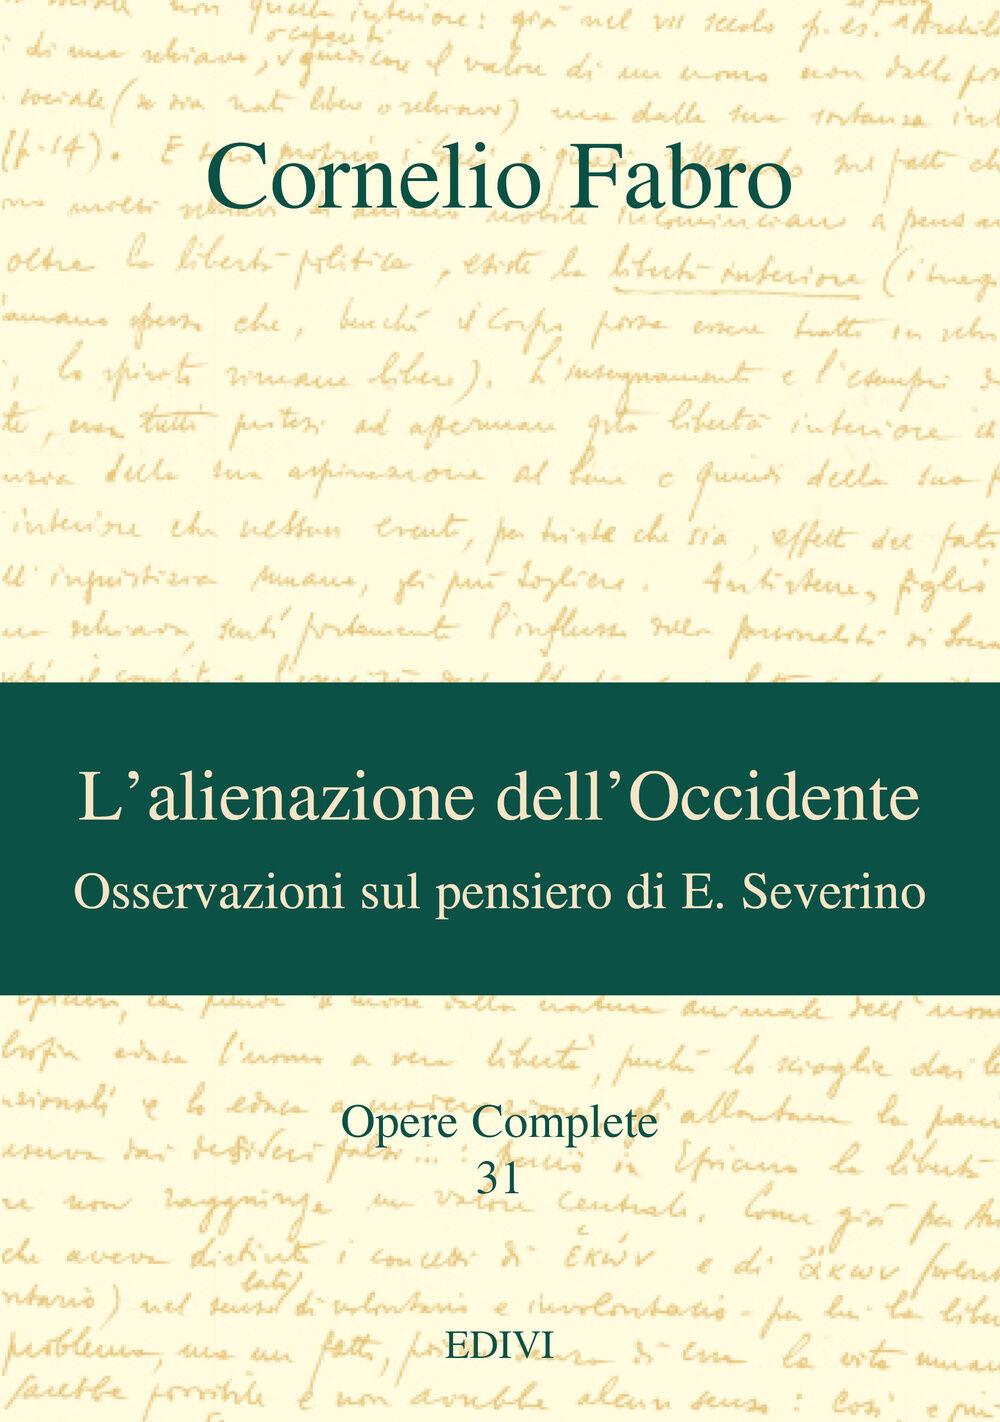 Opere complete. Vol. 31: L'alienazione dell'Occidente. Osservazioni sul pensiero di E. Severino.